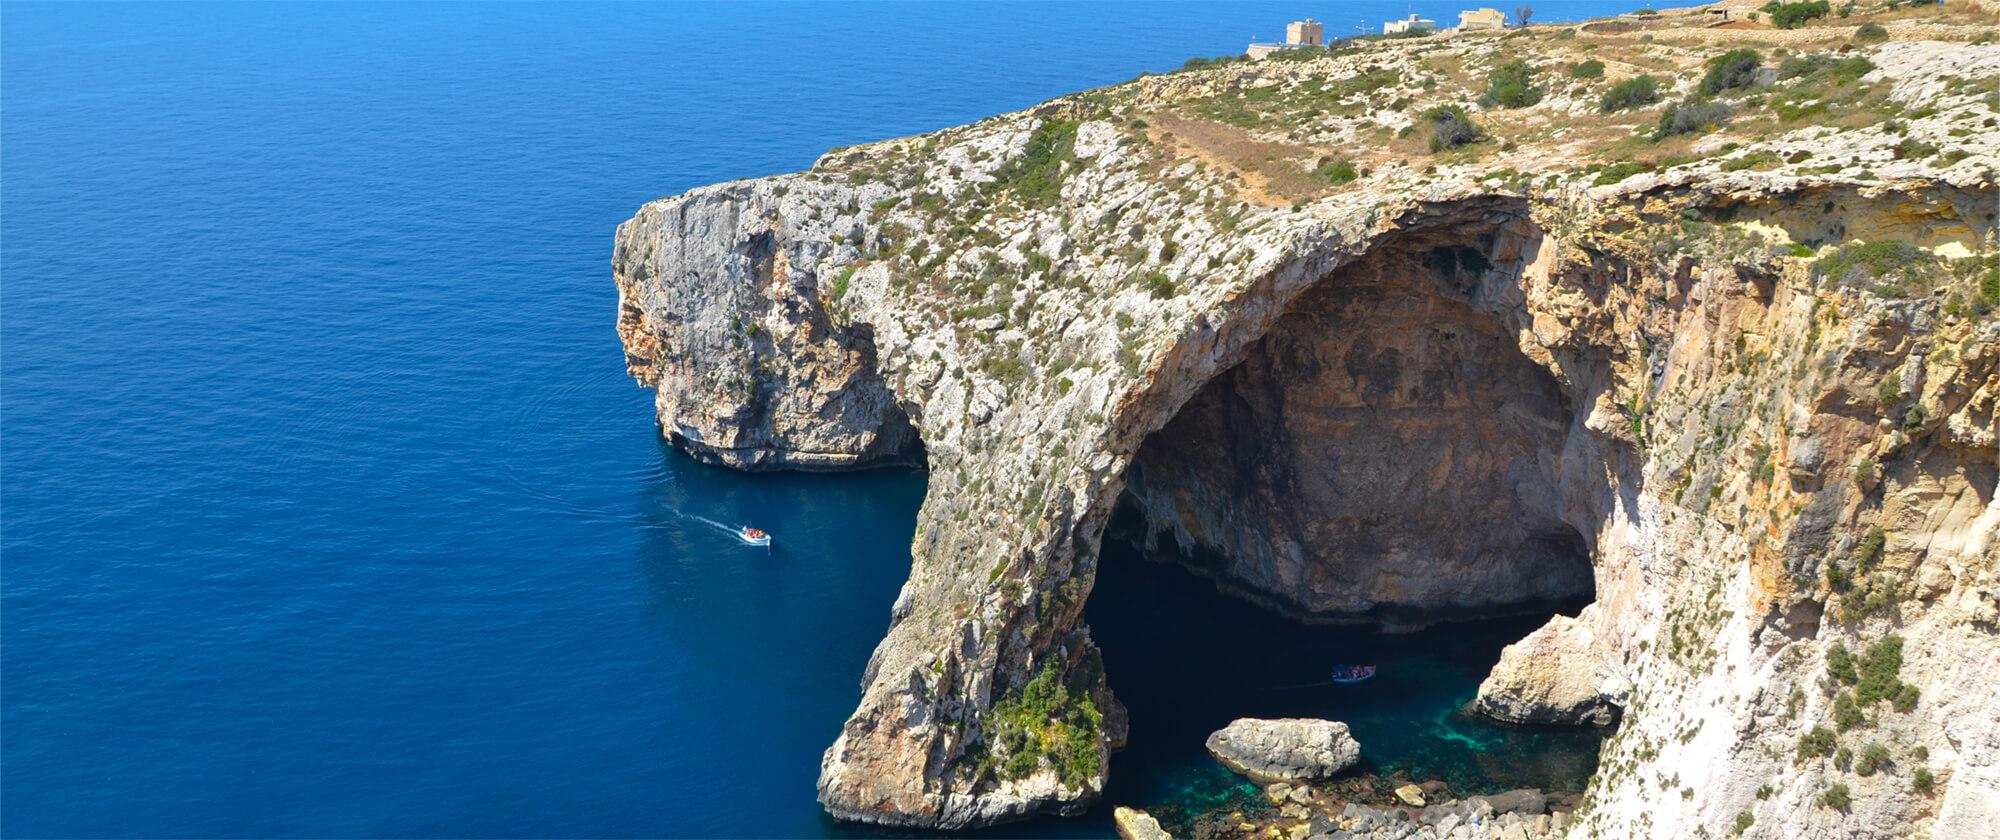 Blue Grotto belvedere, Malta